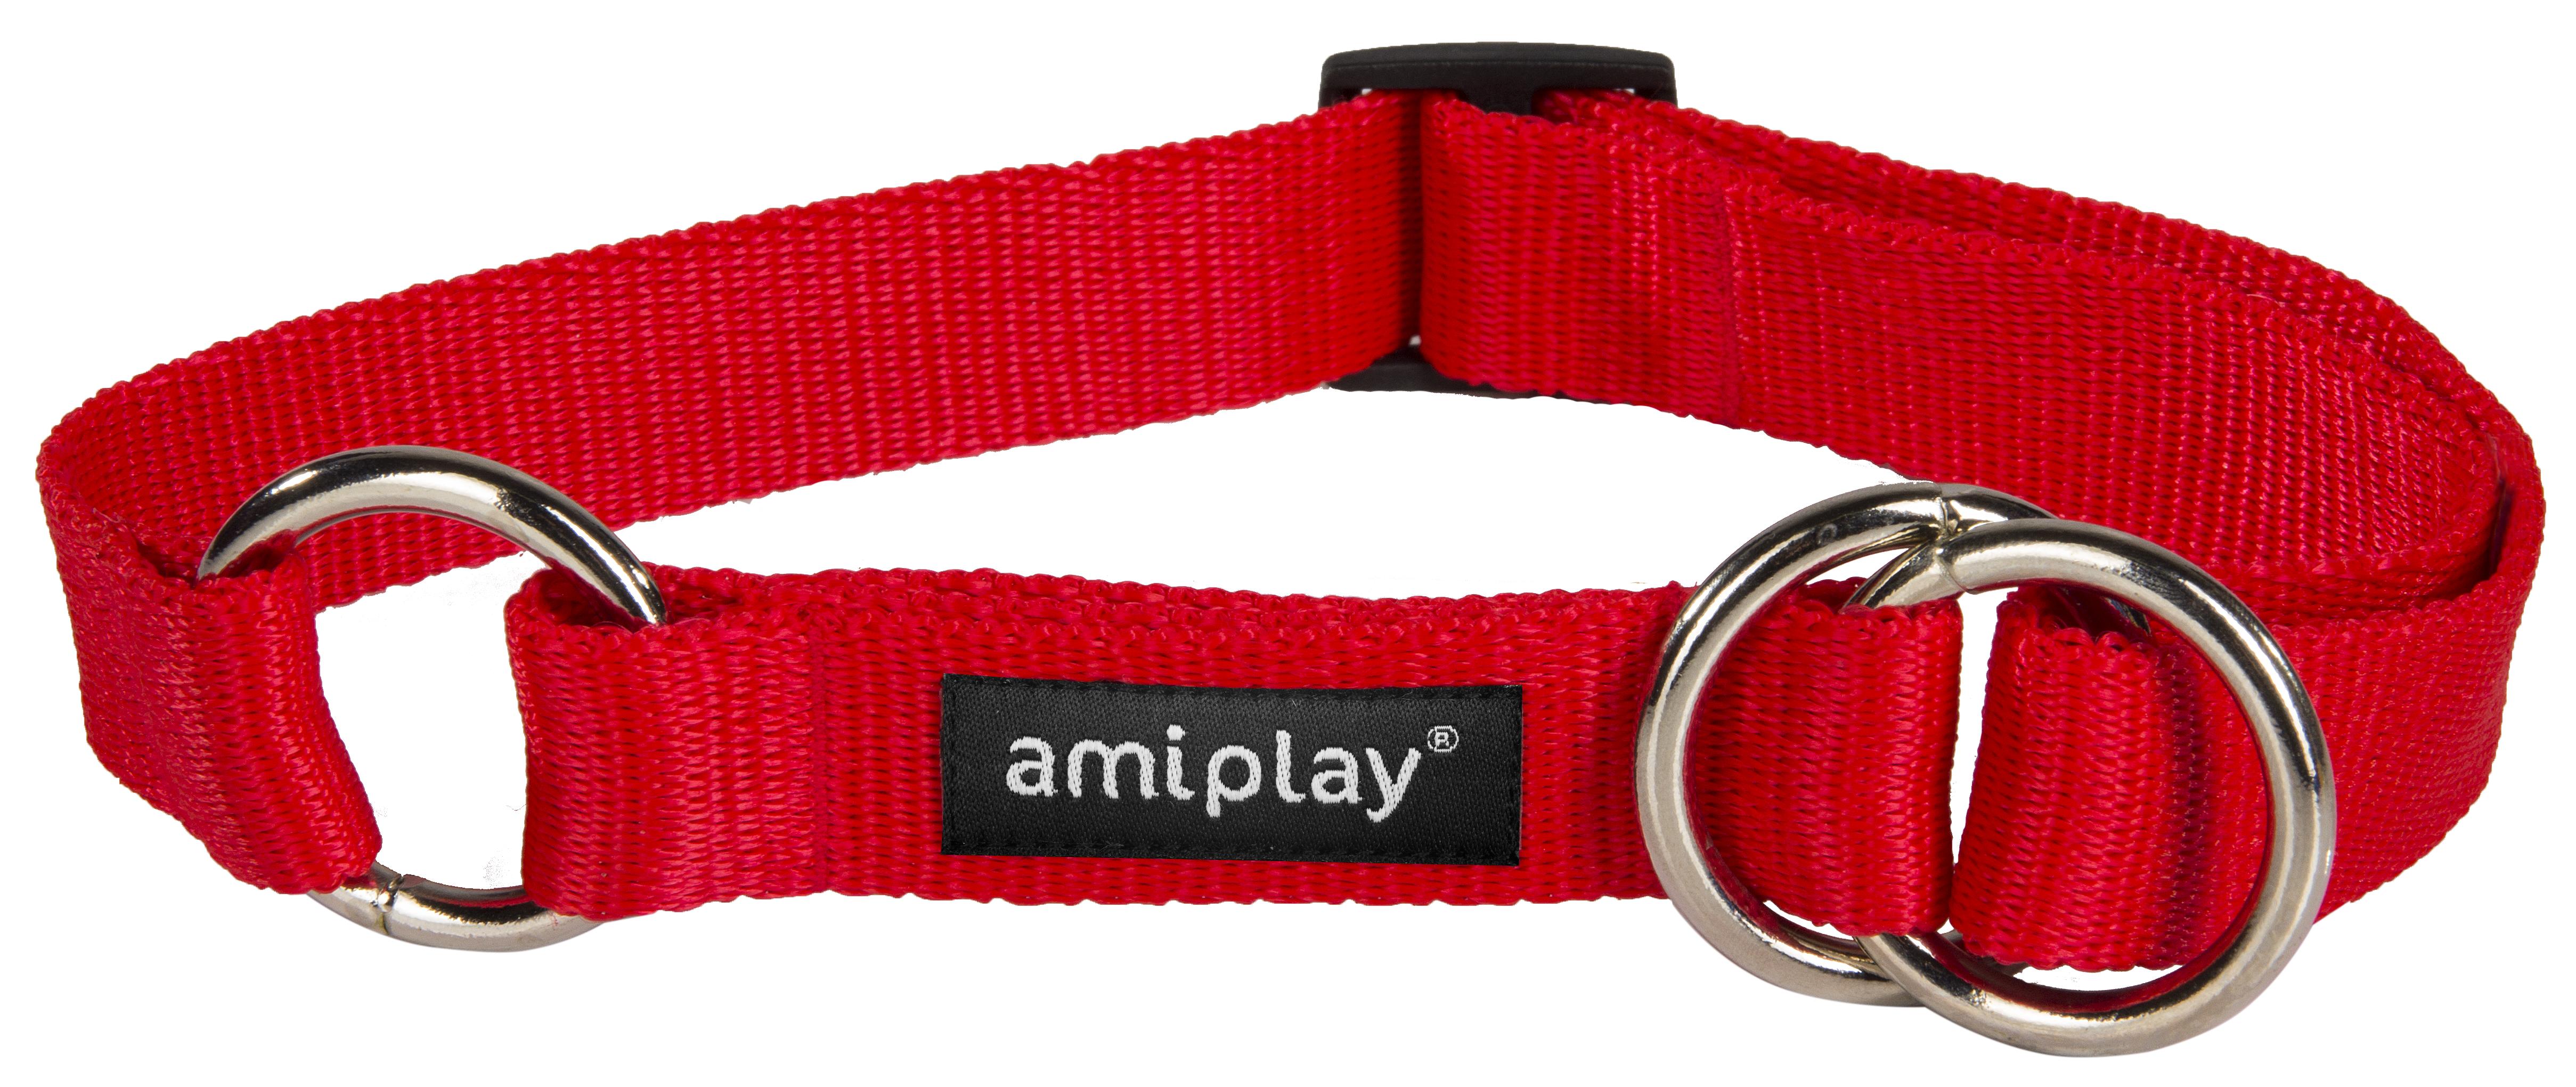 Obojek pro psa polostahovací nylonový - červený - 2 x 26 - 48 cm